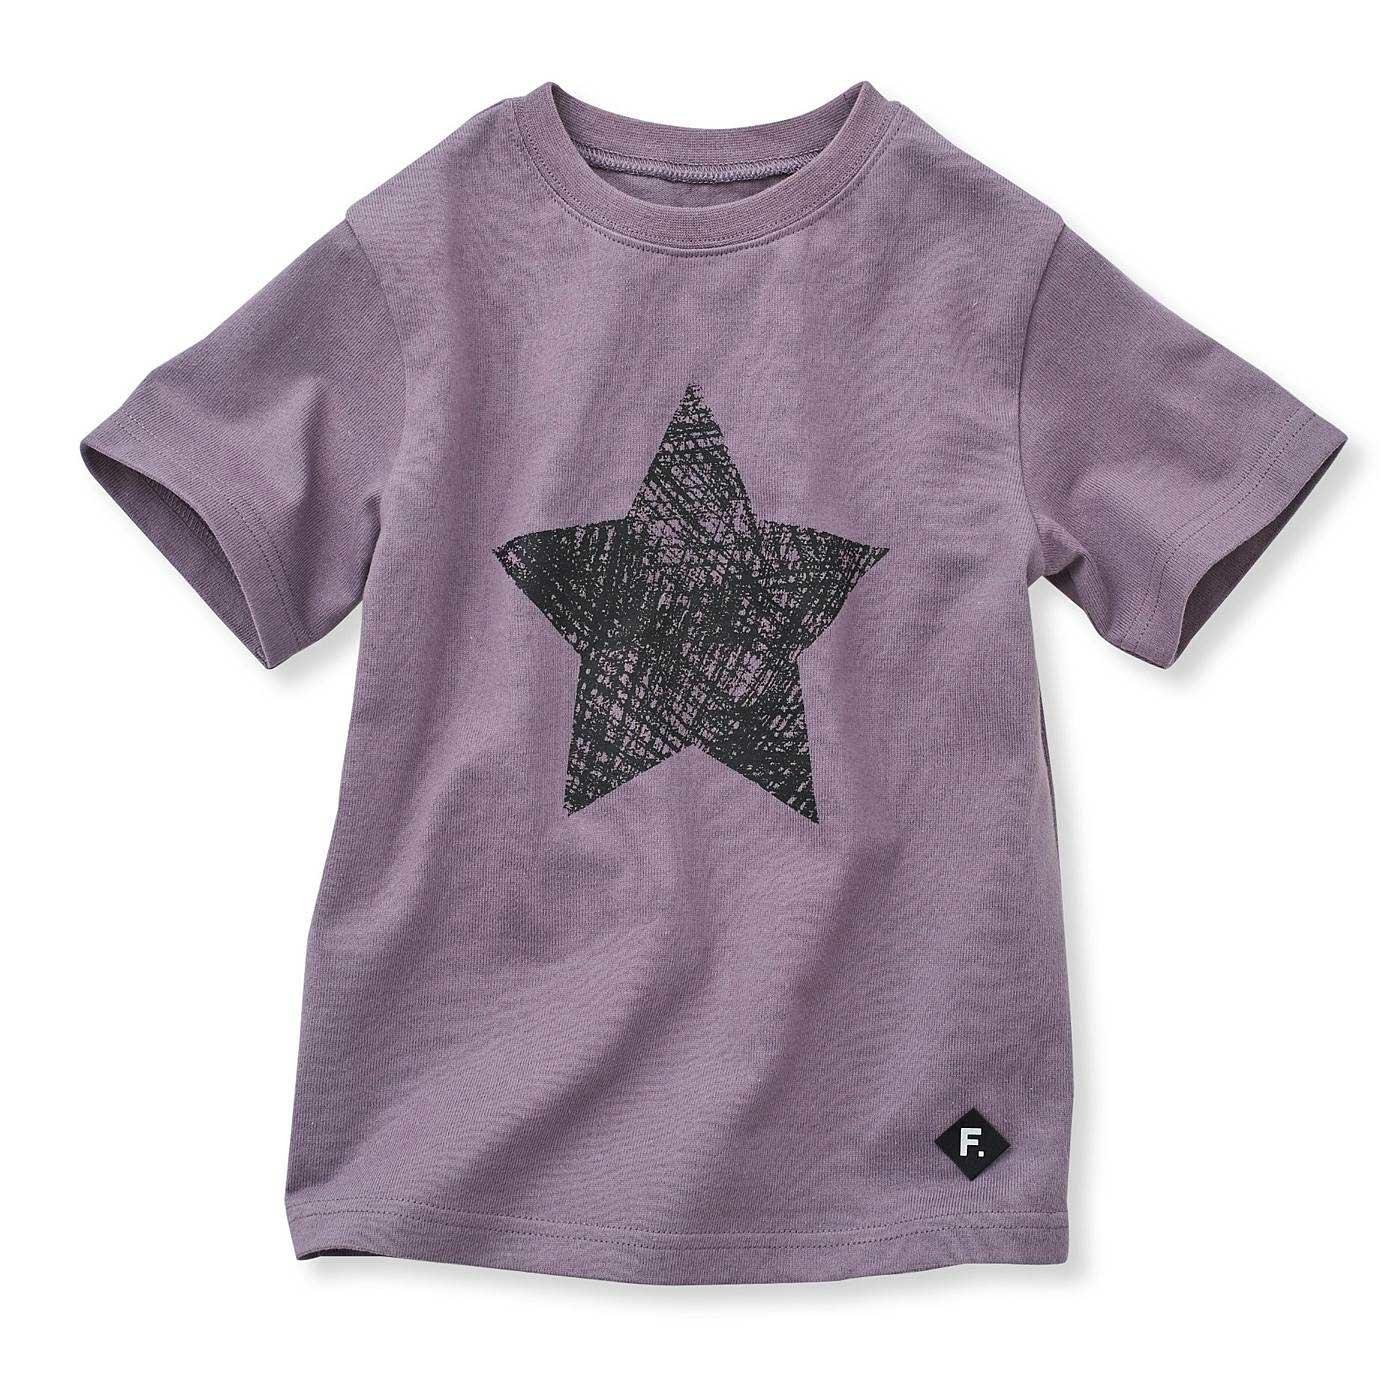 甘編みのバスク風 ゆるりシルエットTシャツ〈パープル〉